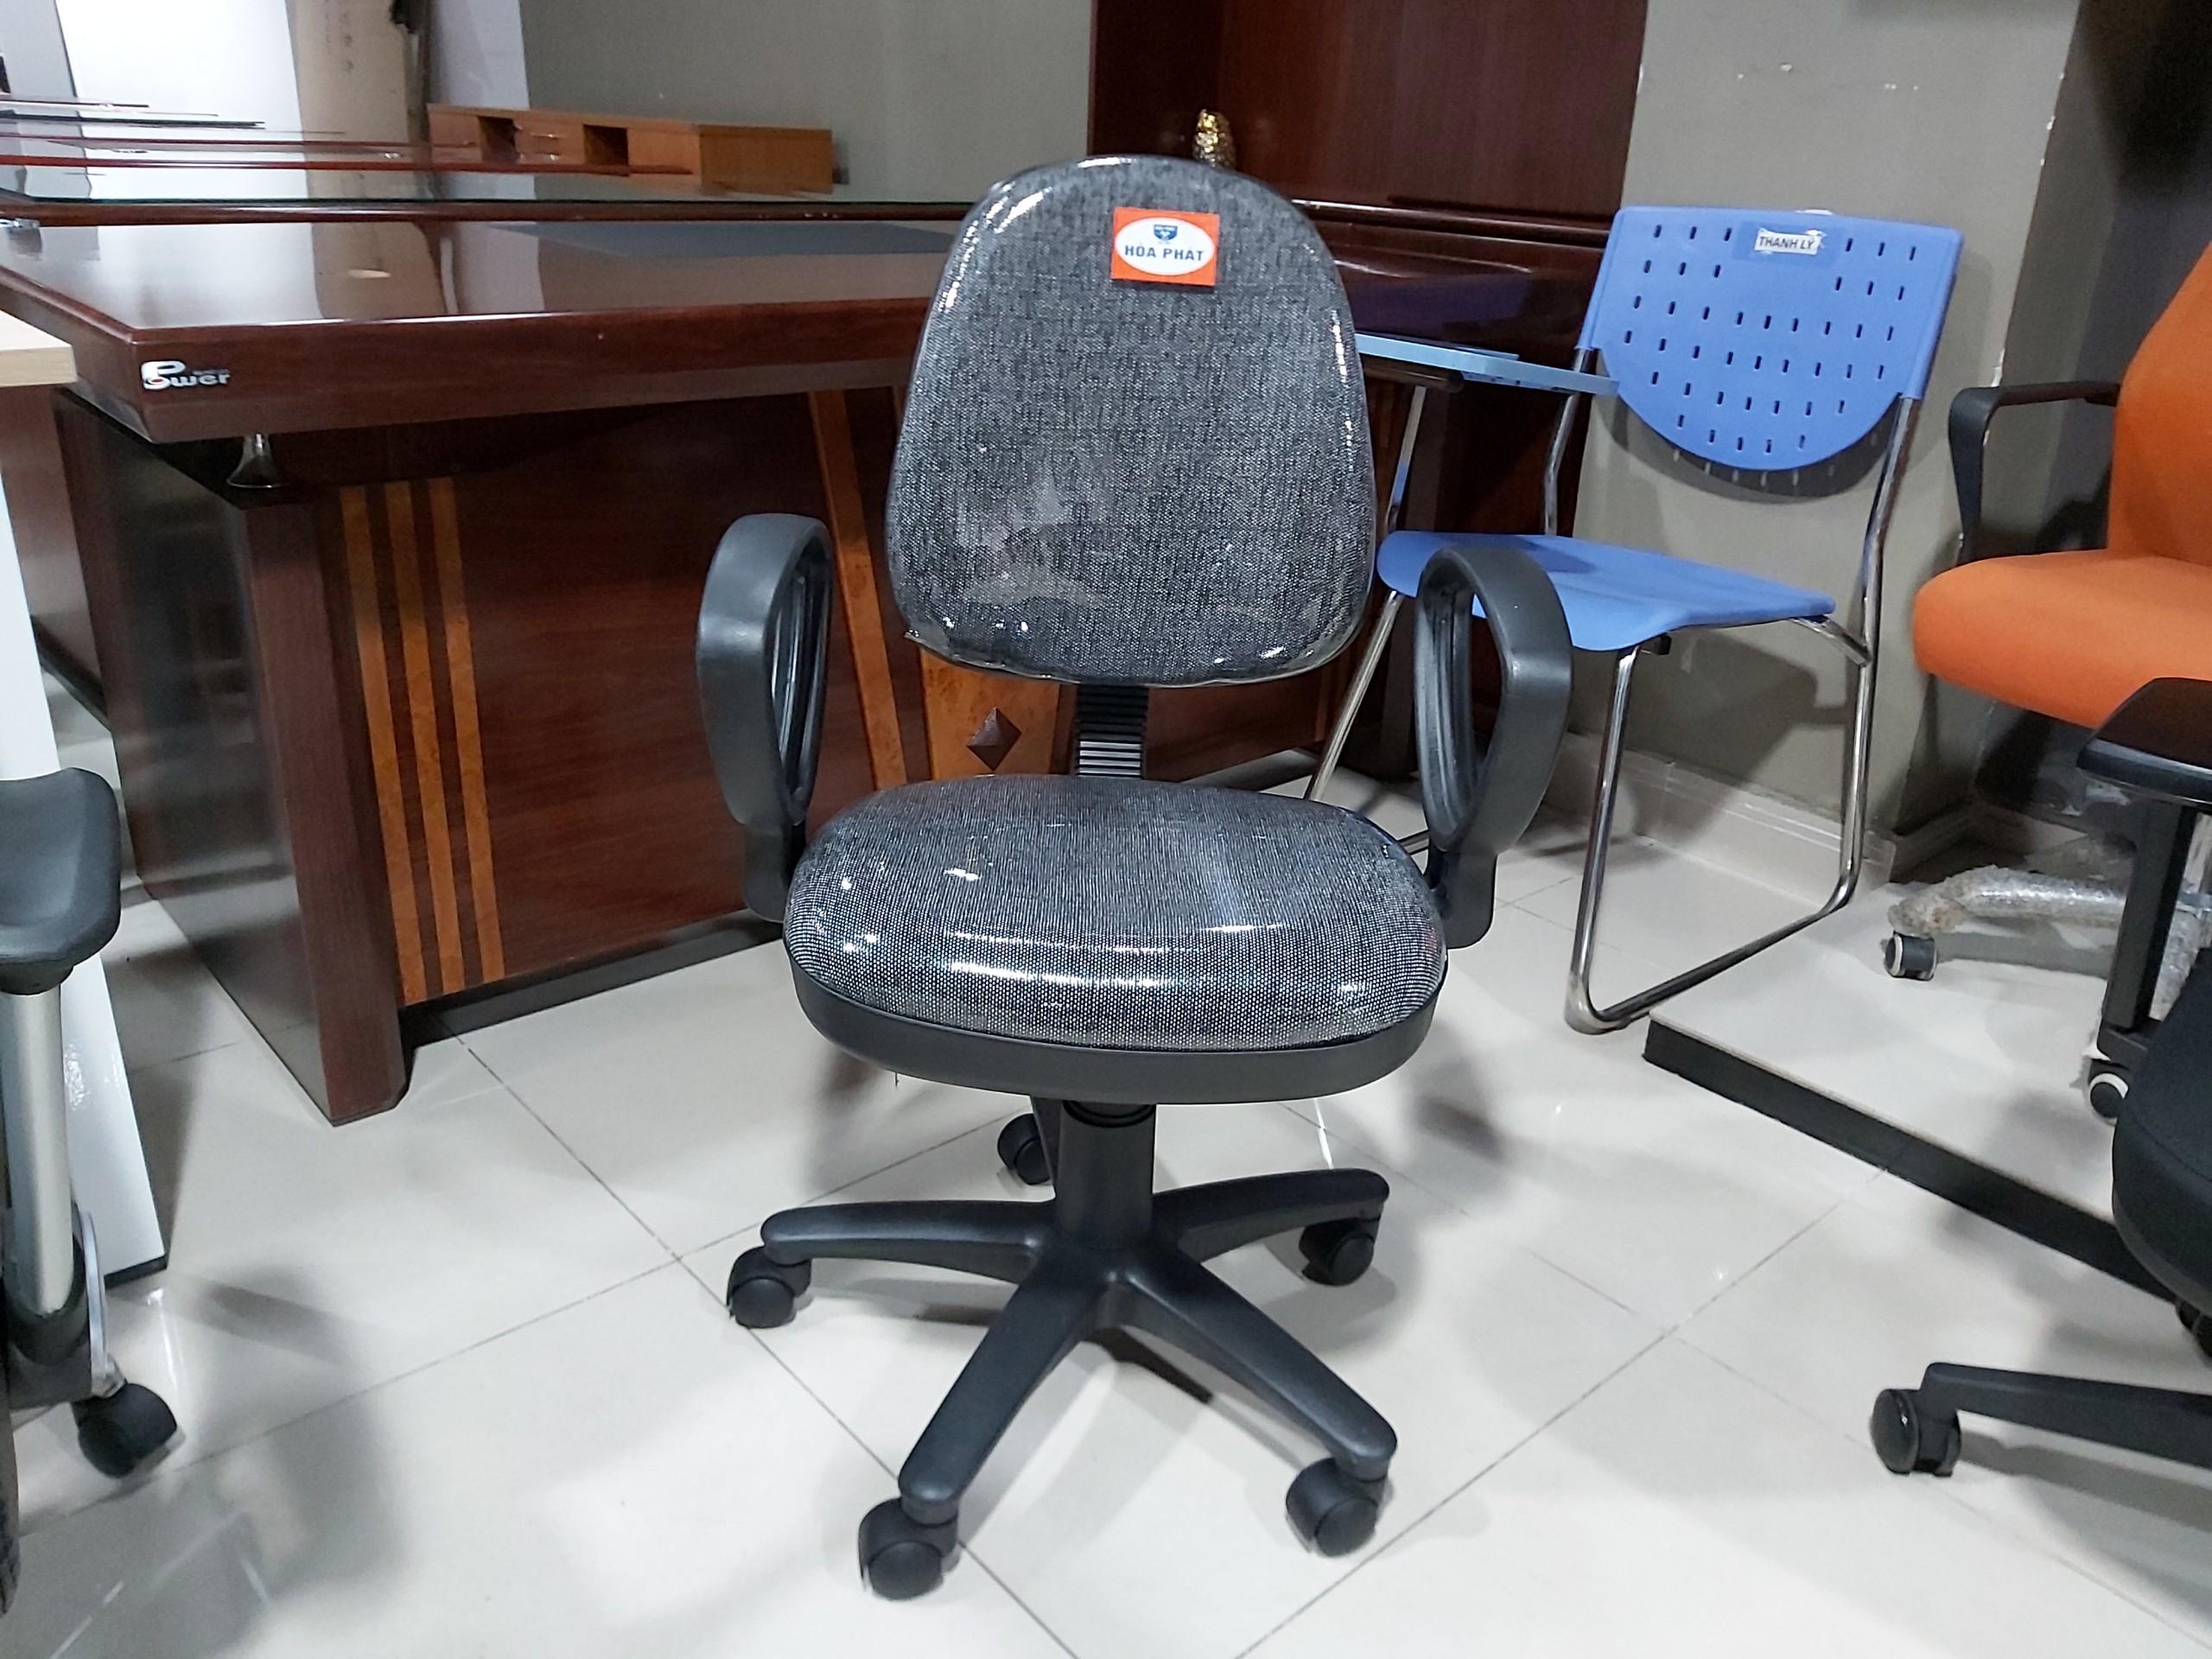 Hình ảnh thực tế ghế Hòa Phát SG550 tại Nội Thất Hòa Phát 55 Bạch Đằng màu muối tiêu